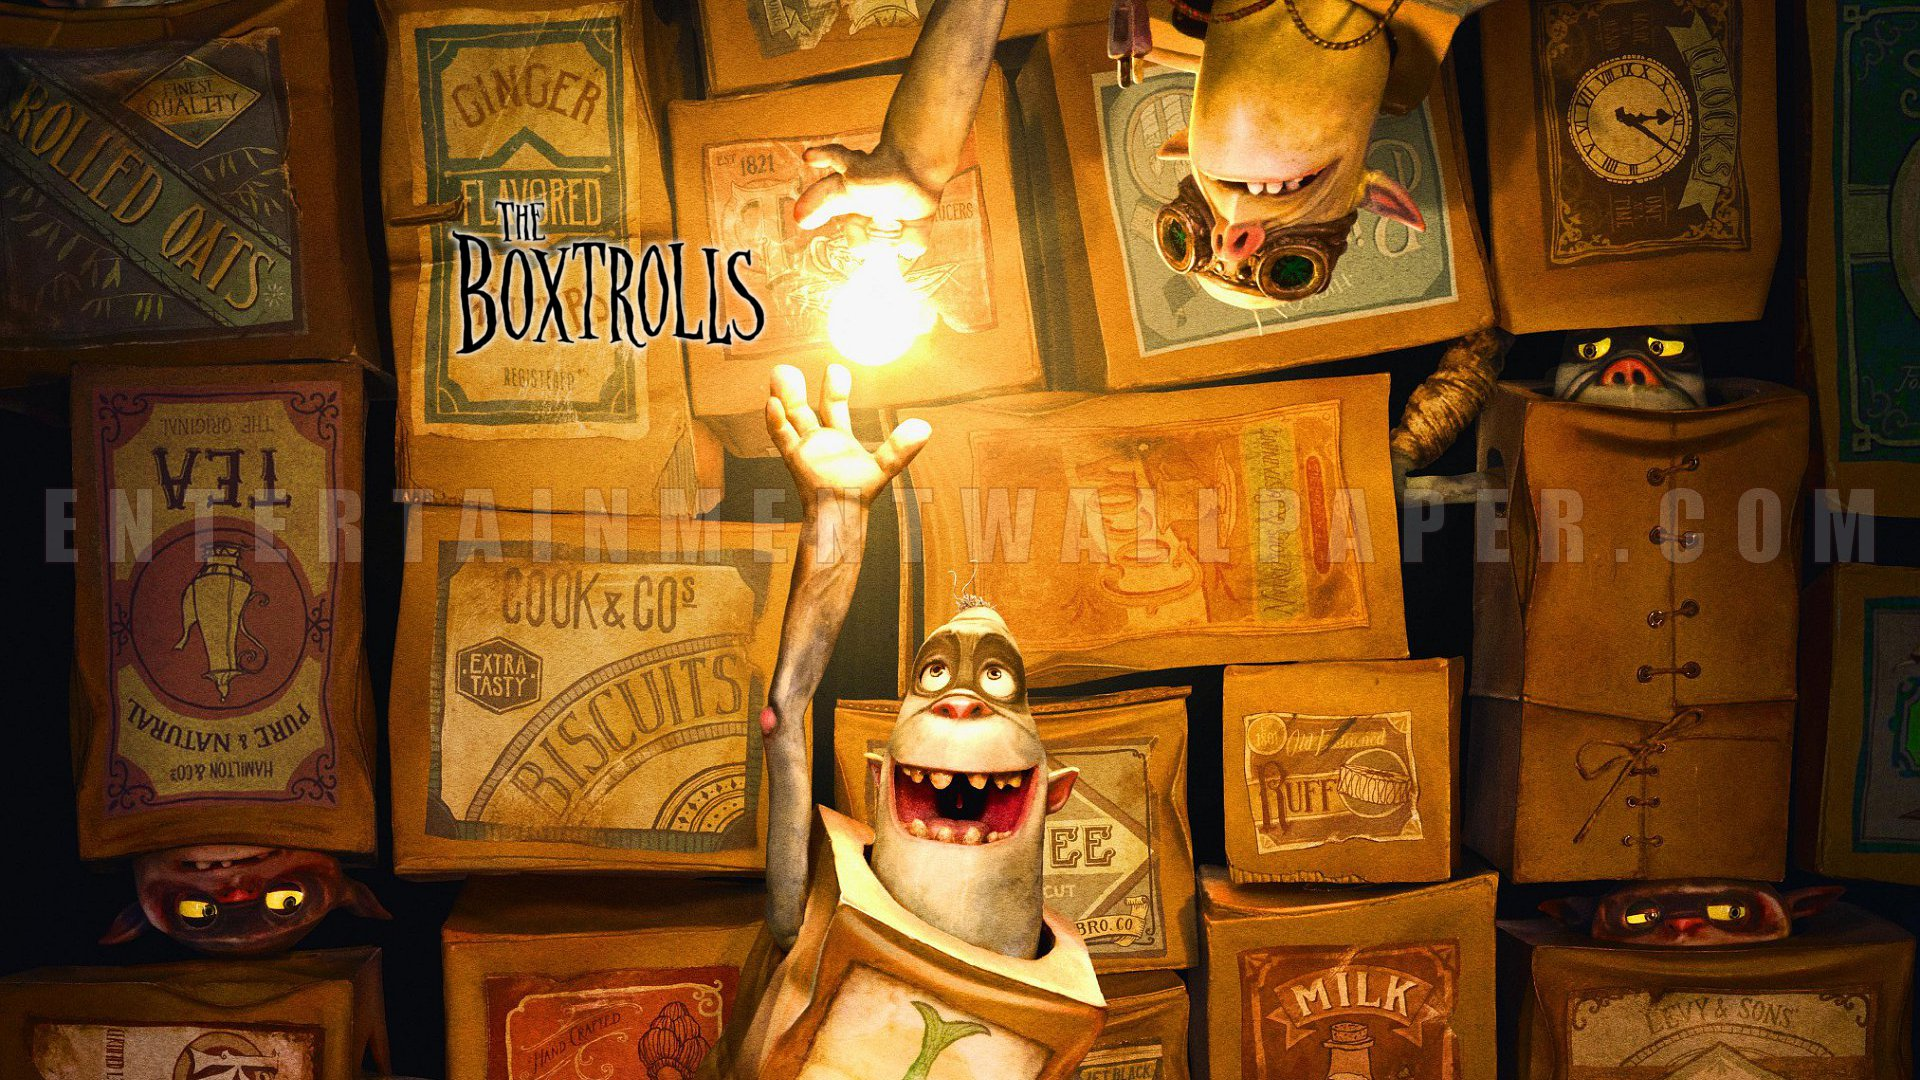 The Boxtrolls Wallpaper 16   1920 X 1080 stmednet 1920x1080